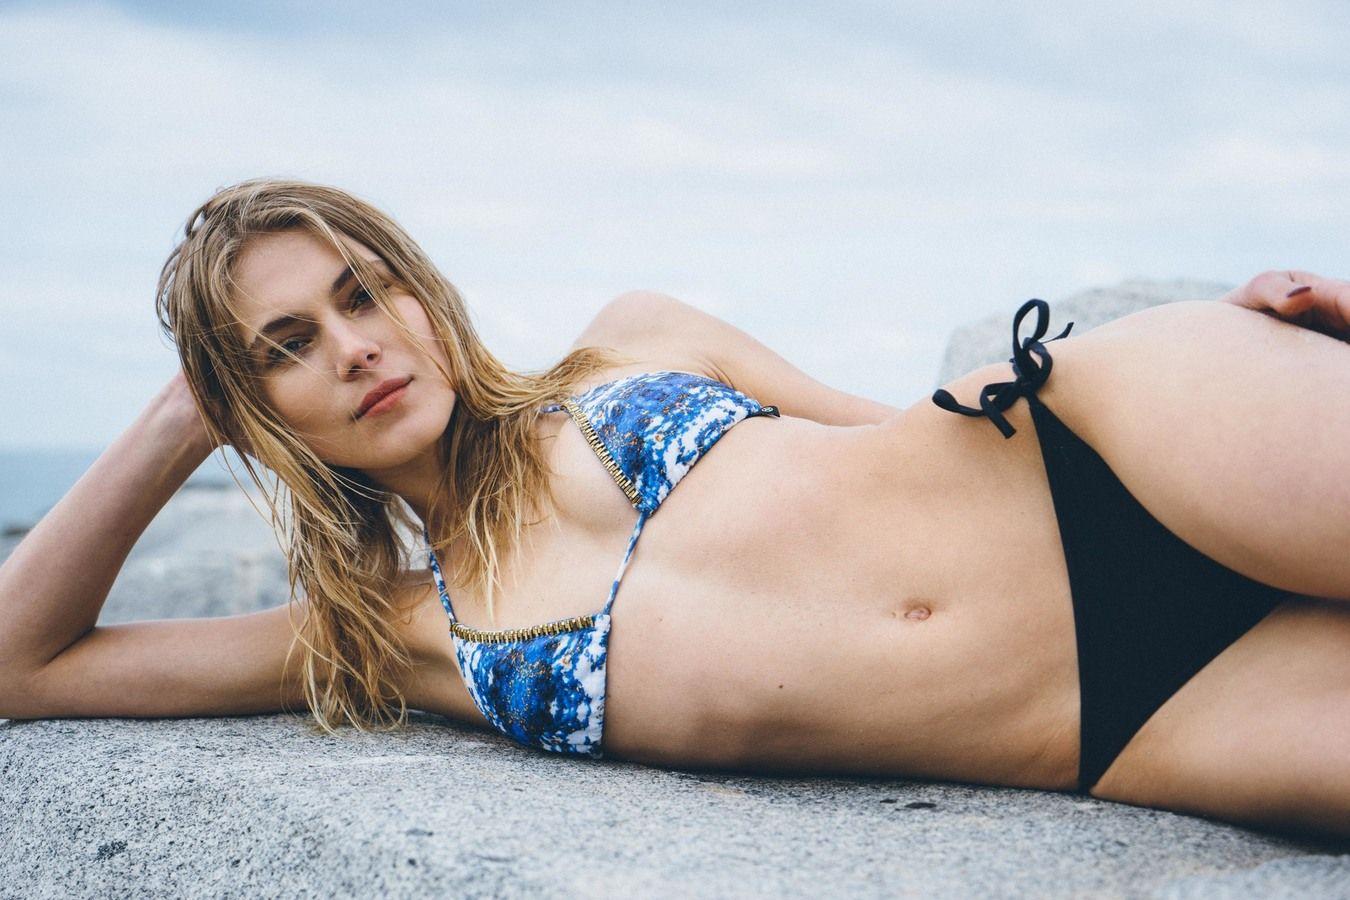 Bikini Allegra Carpenter naked (27 photo), Sexy, Paparazzi, Boobs, panties 2015